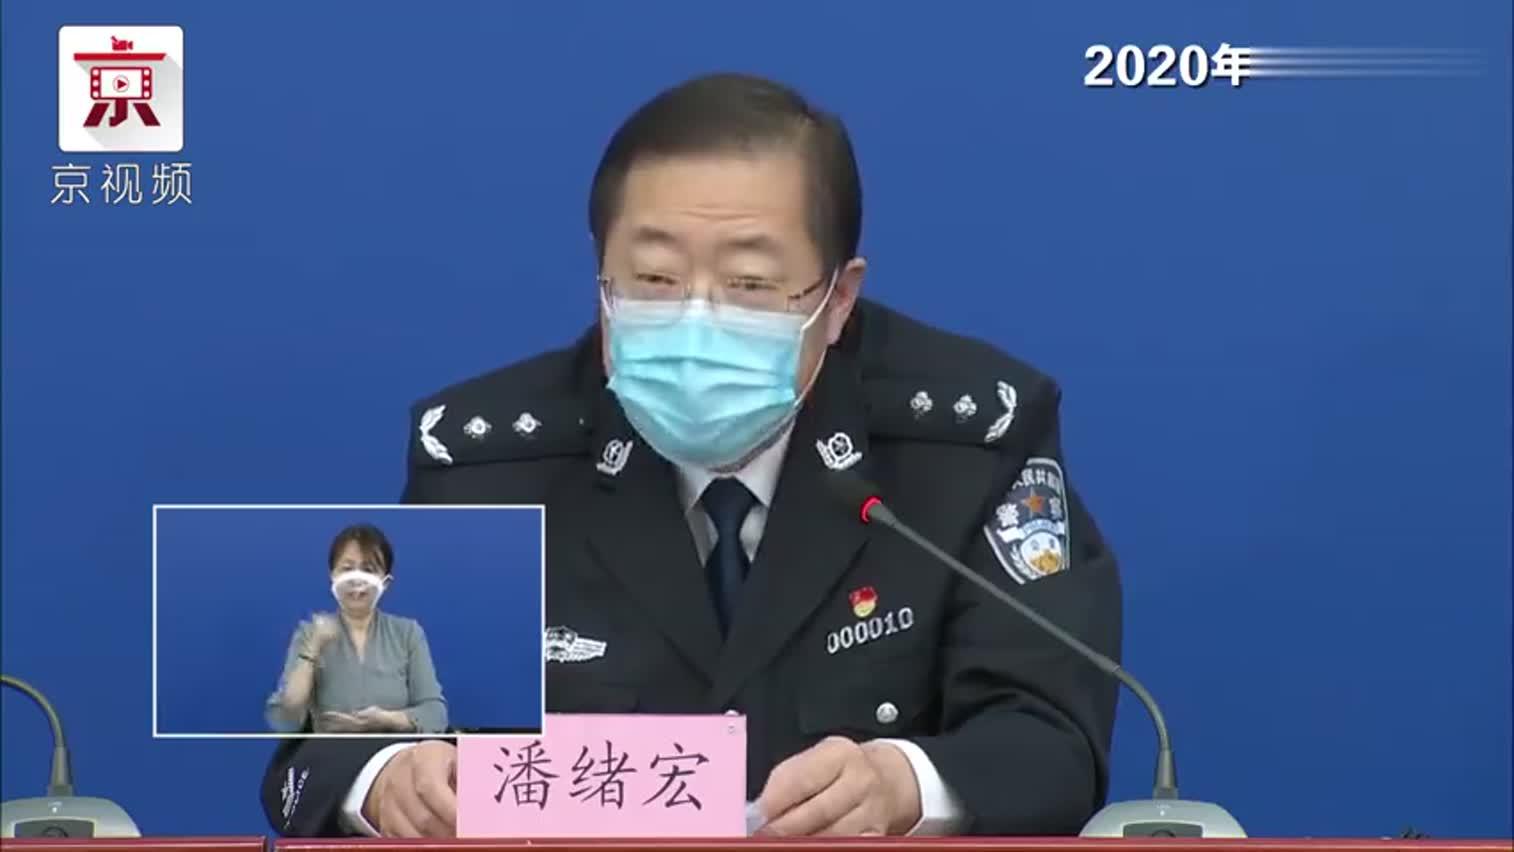 市公安局副局长潘绪宏:因干扰破坏疫情防控,已刑拘19人